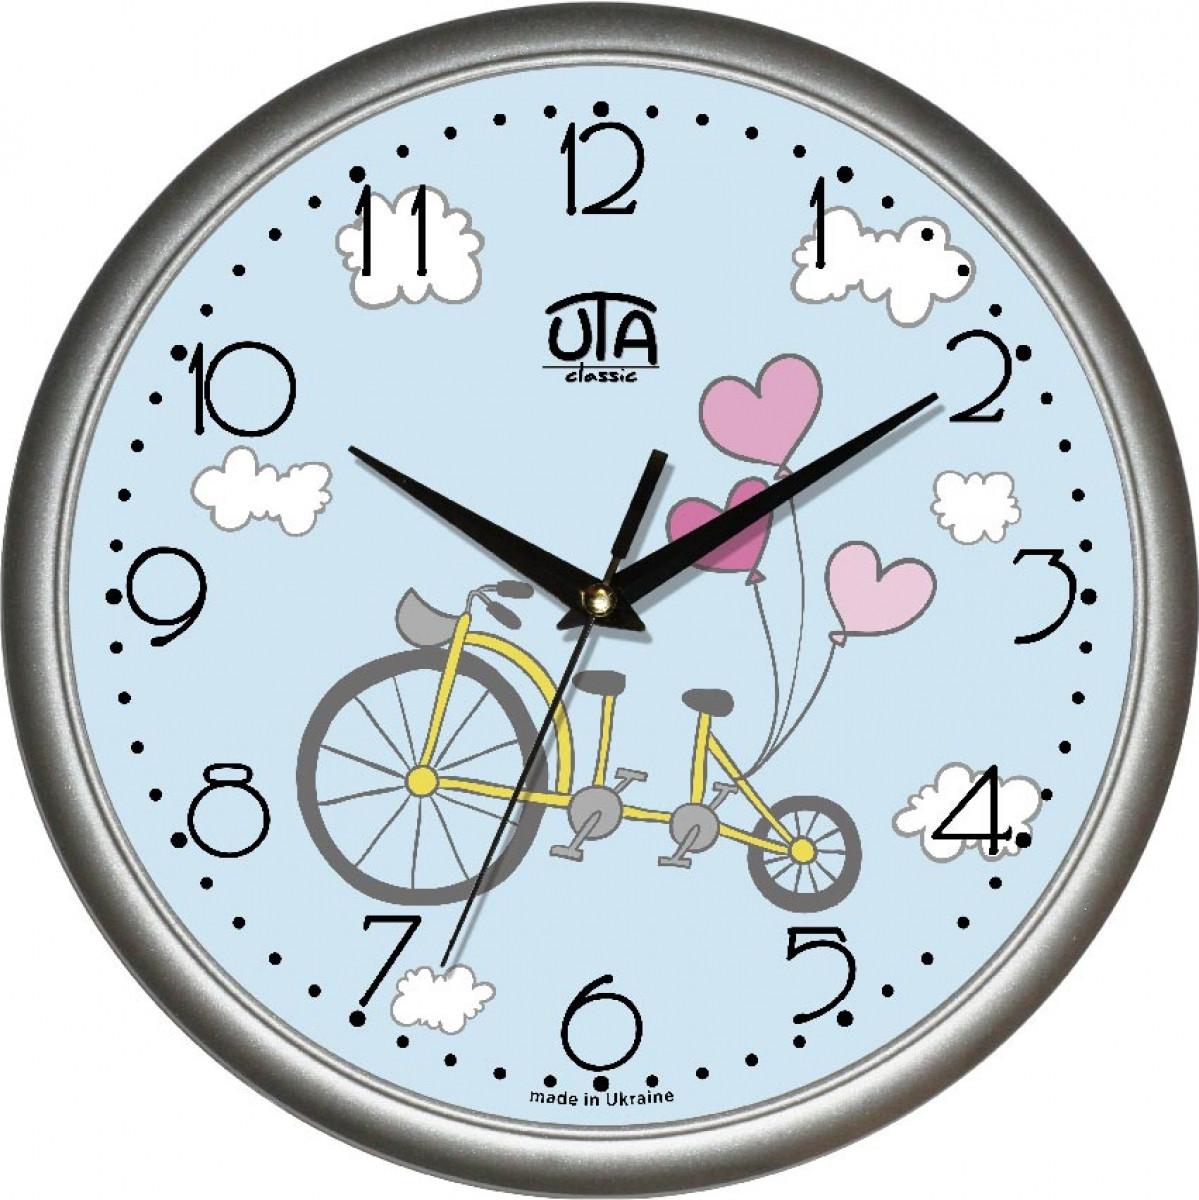 Часы настенные UTA Сlassic 300 х 300 х 45 мм в сером ободе для детской